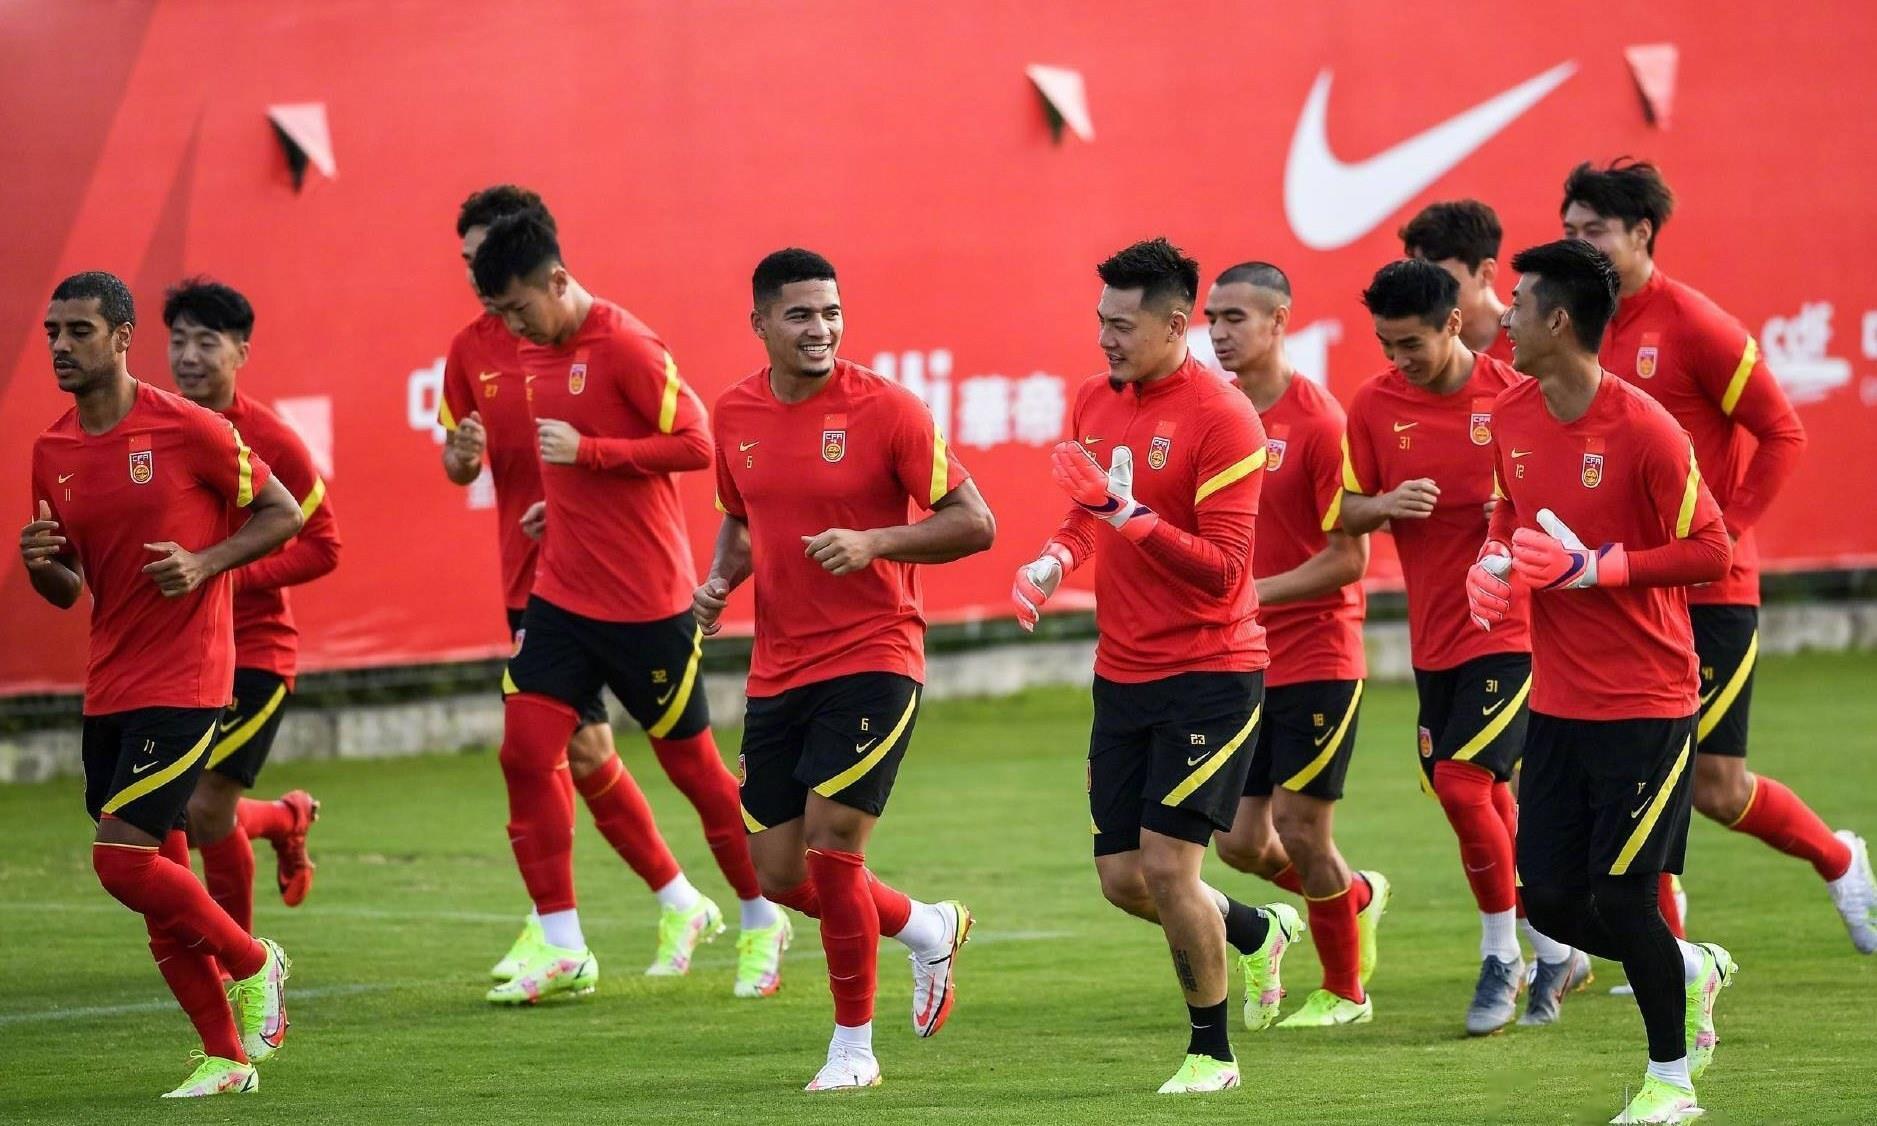 Trung Quốc chơi không chiến, tuyển Việt Nam đối phó thế nào? - 1